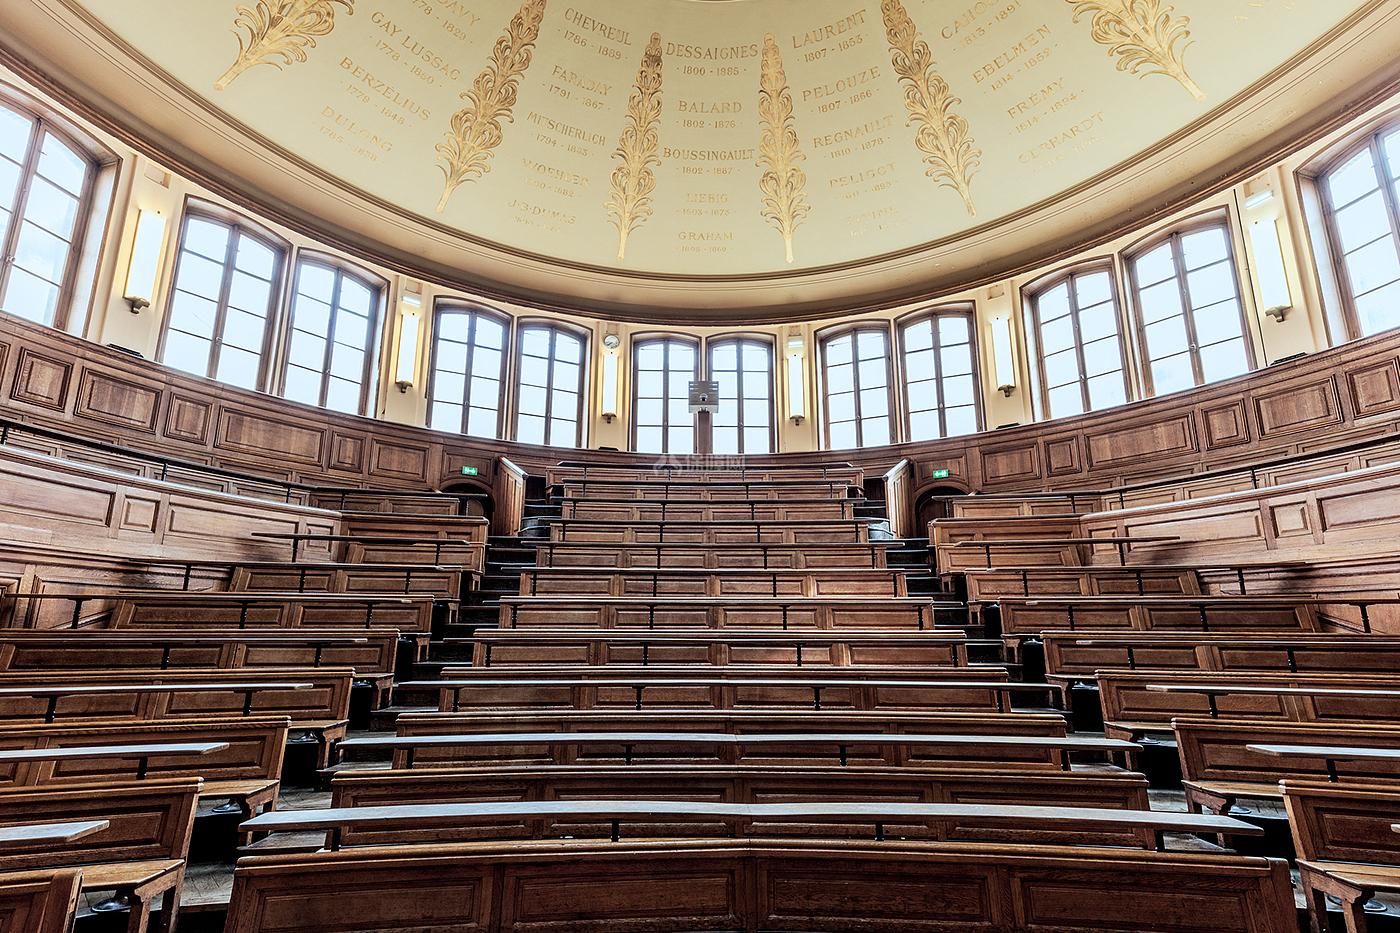 阶梯教室文化场馆之窗户设计效果图